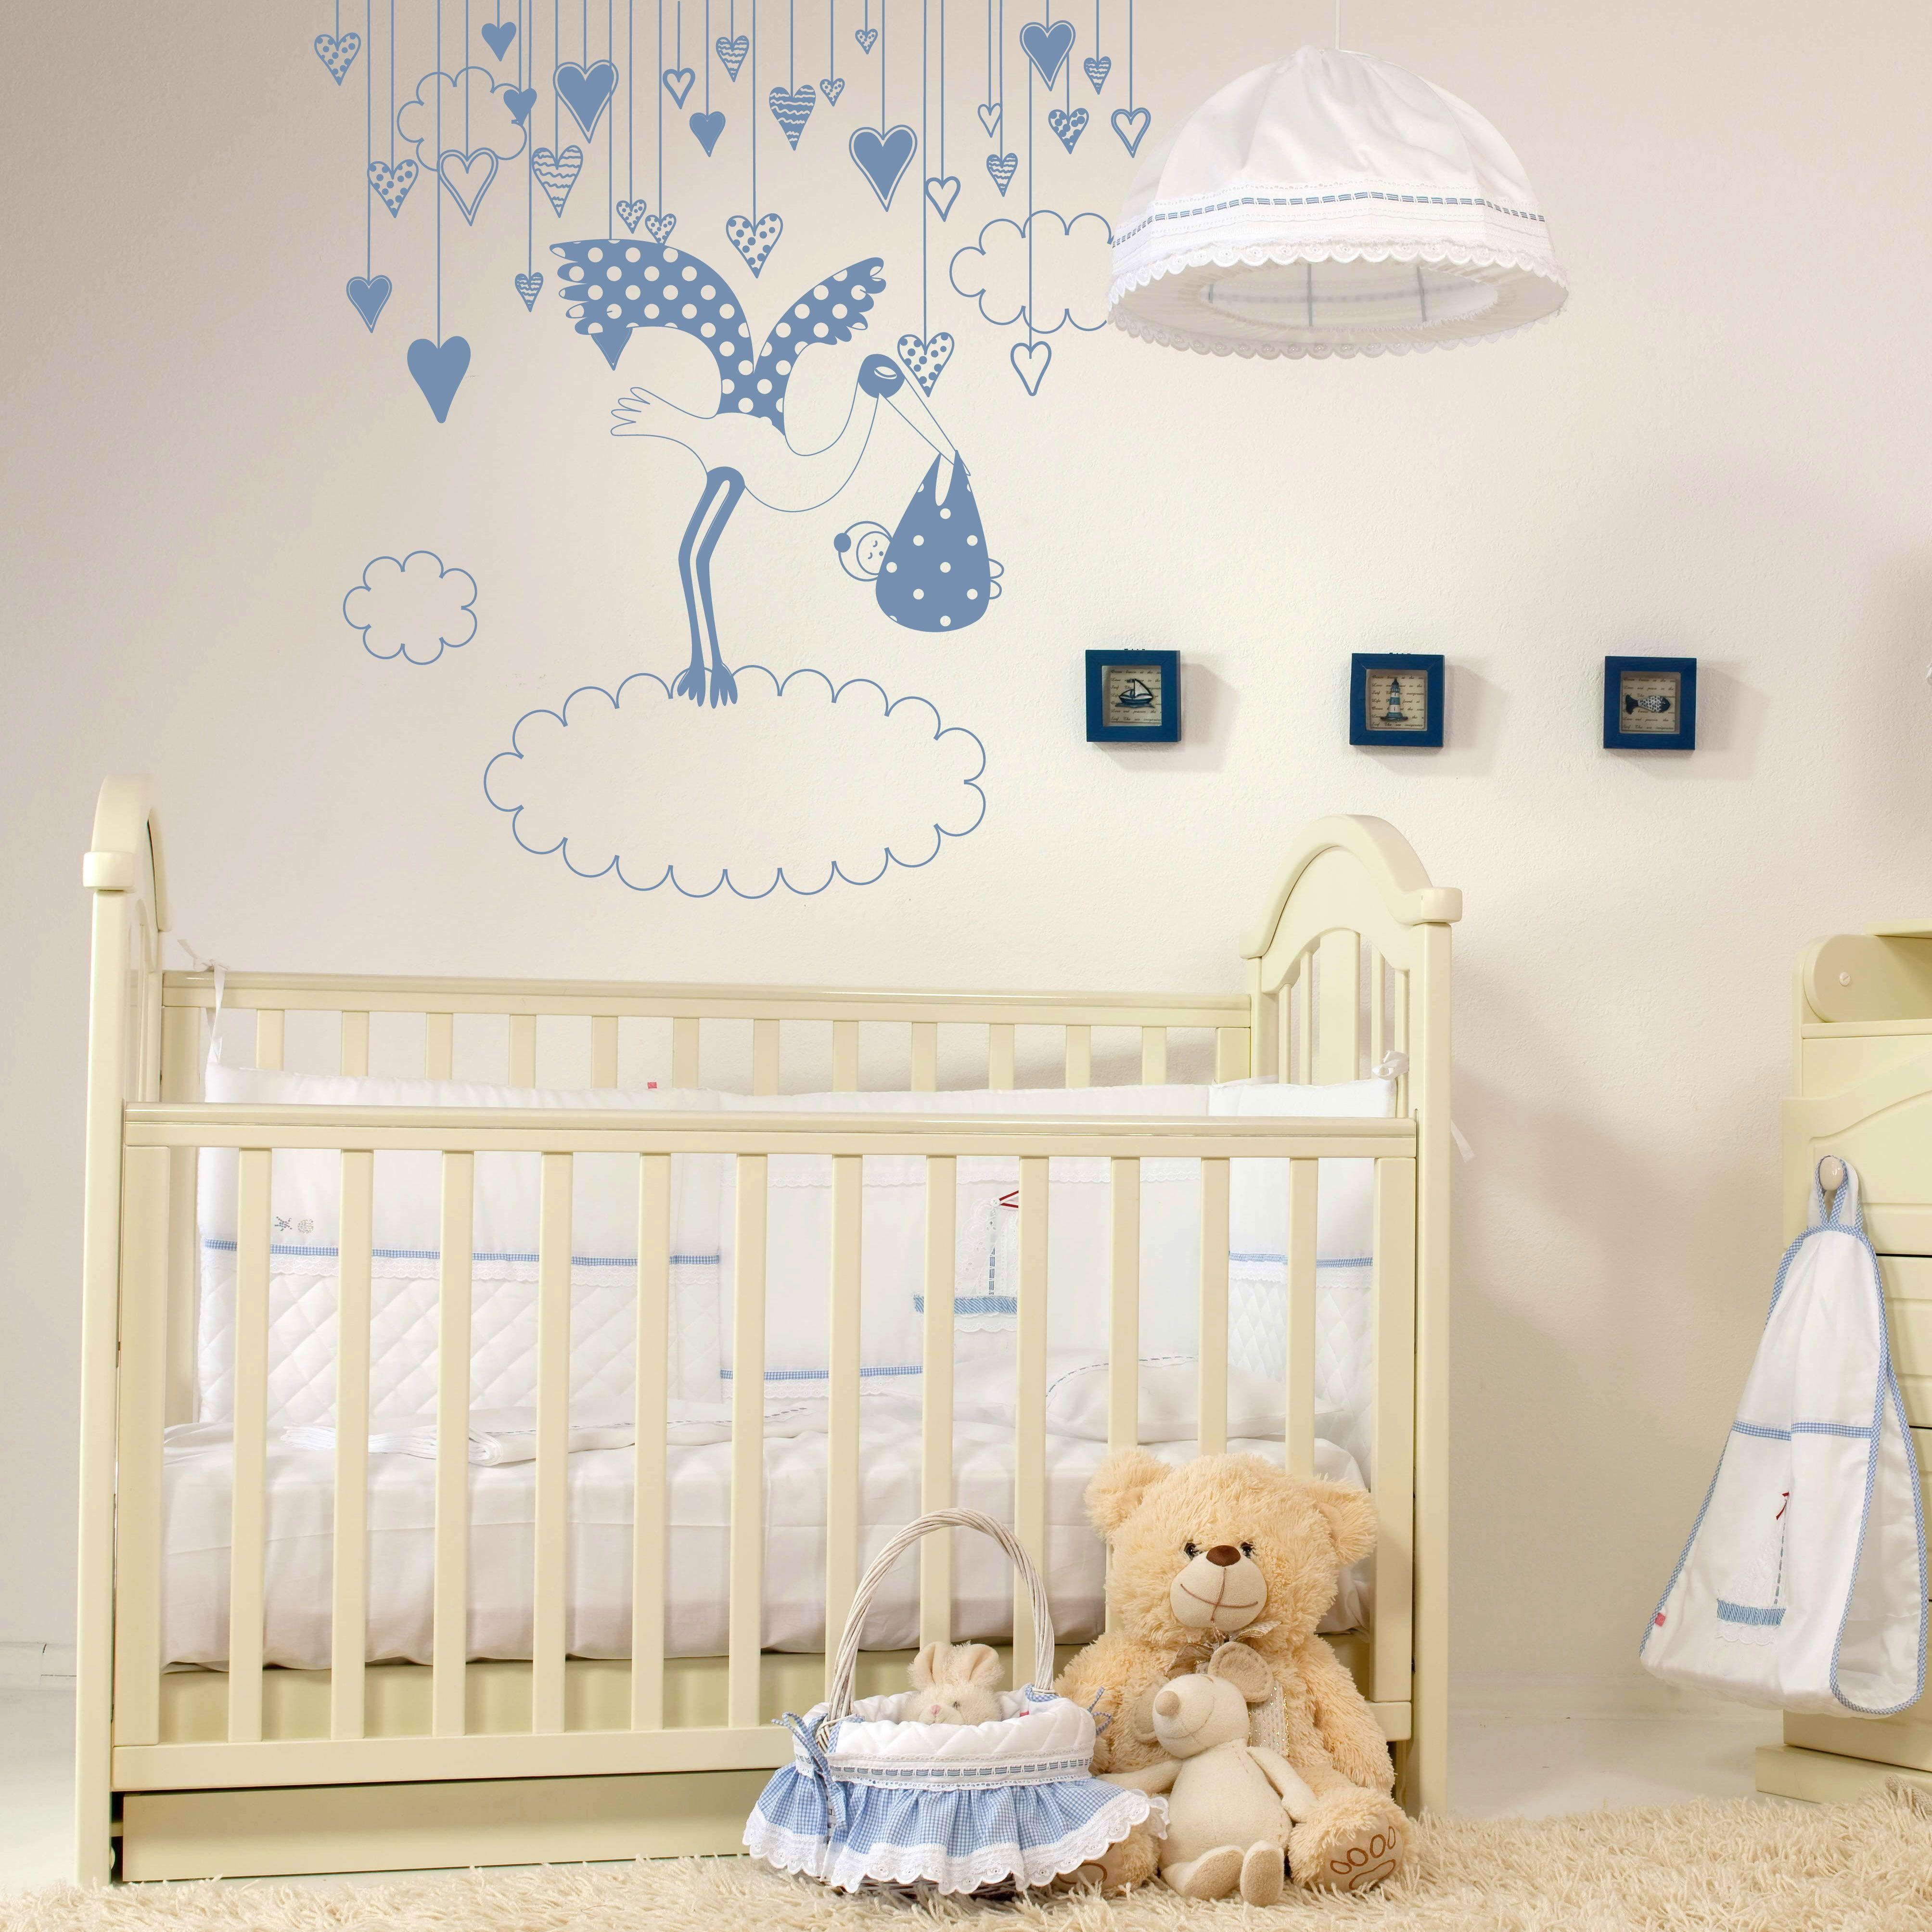 Vinilos infantiles para paredes descubre nuestros mejores for Vinilo habitacion infantil